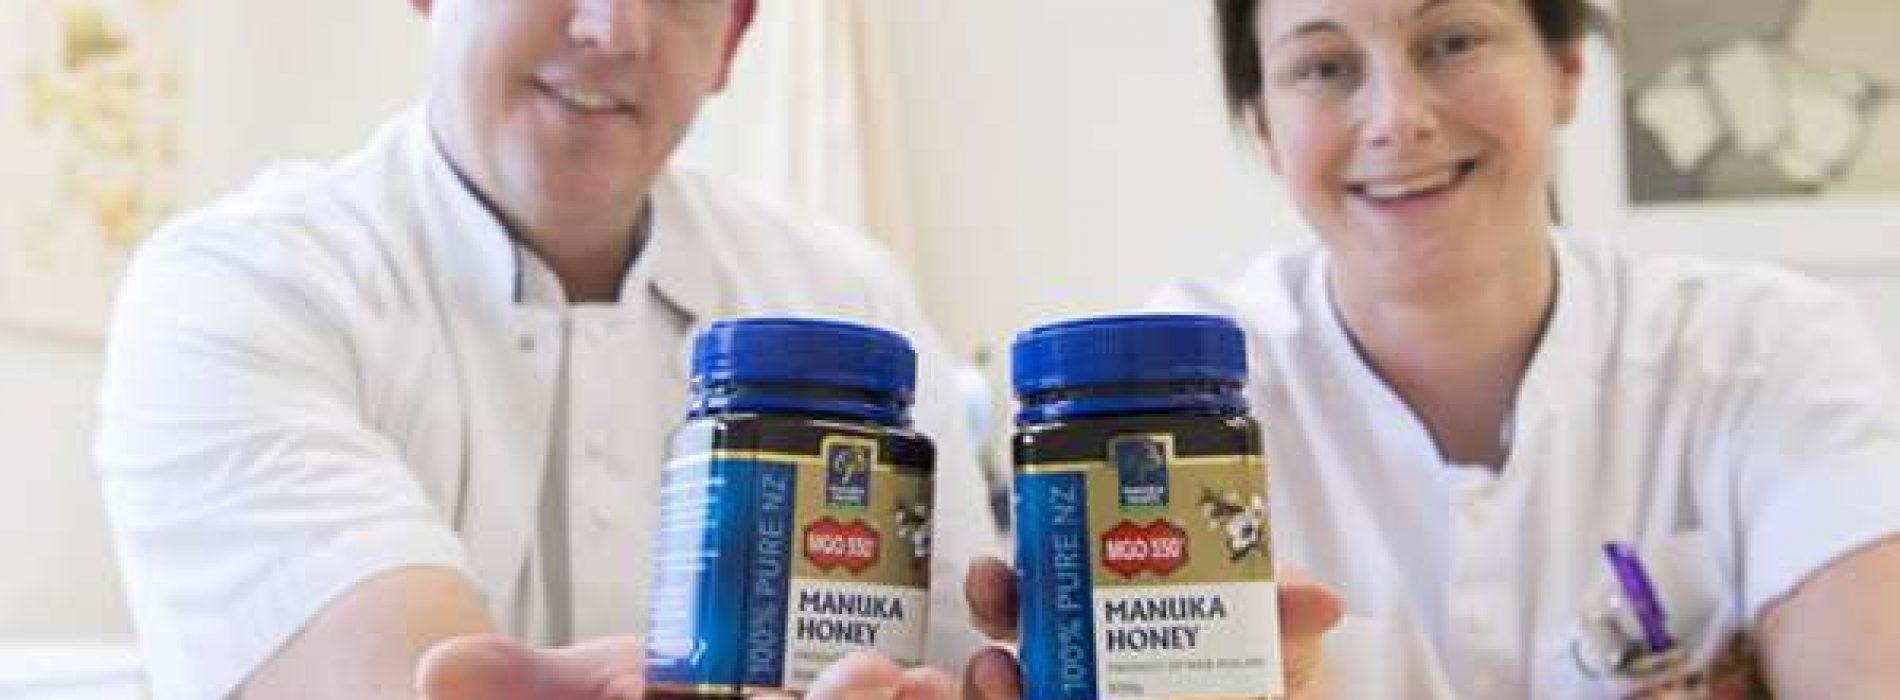 Wereldprimeur: Ziekenhuis in Tilburg bestrijdt onbehandelbare darminfectie met honing